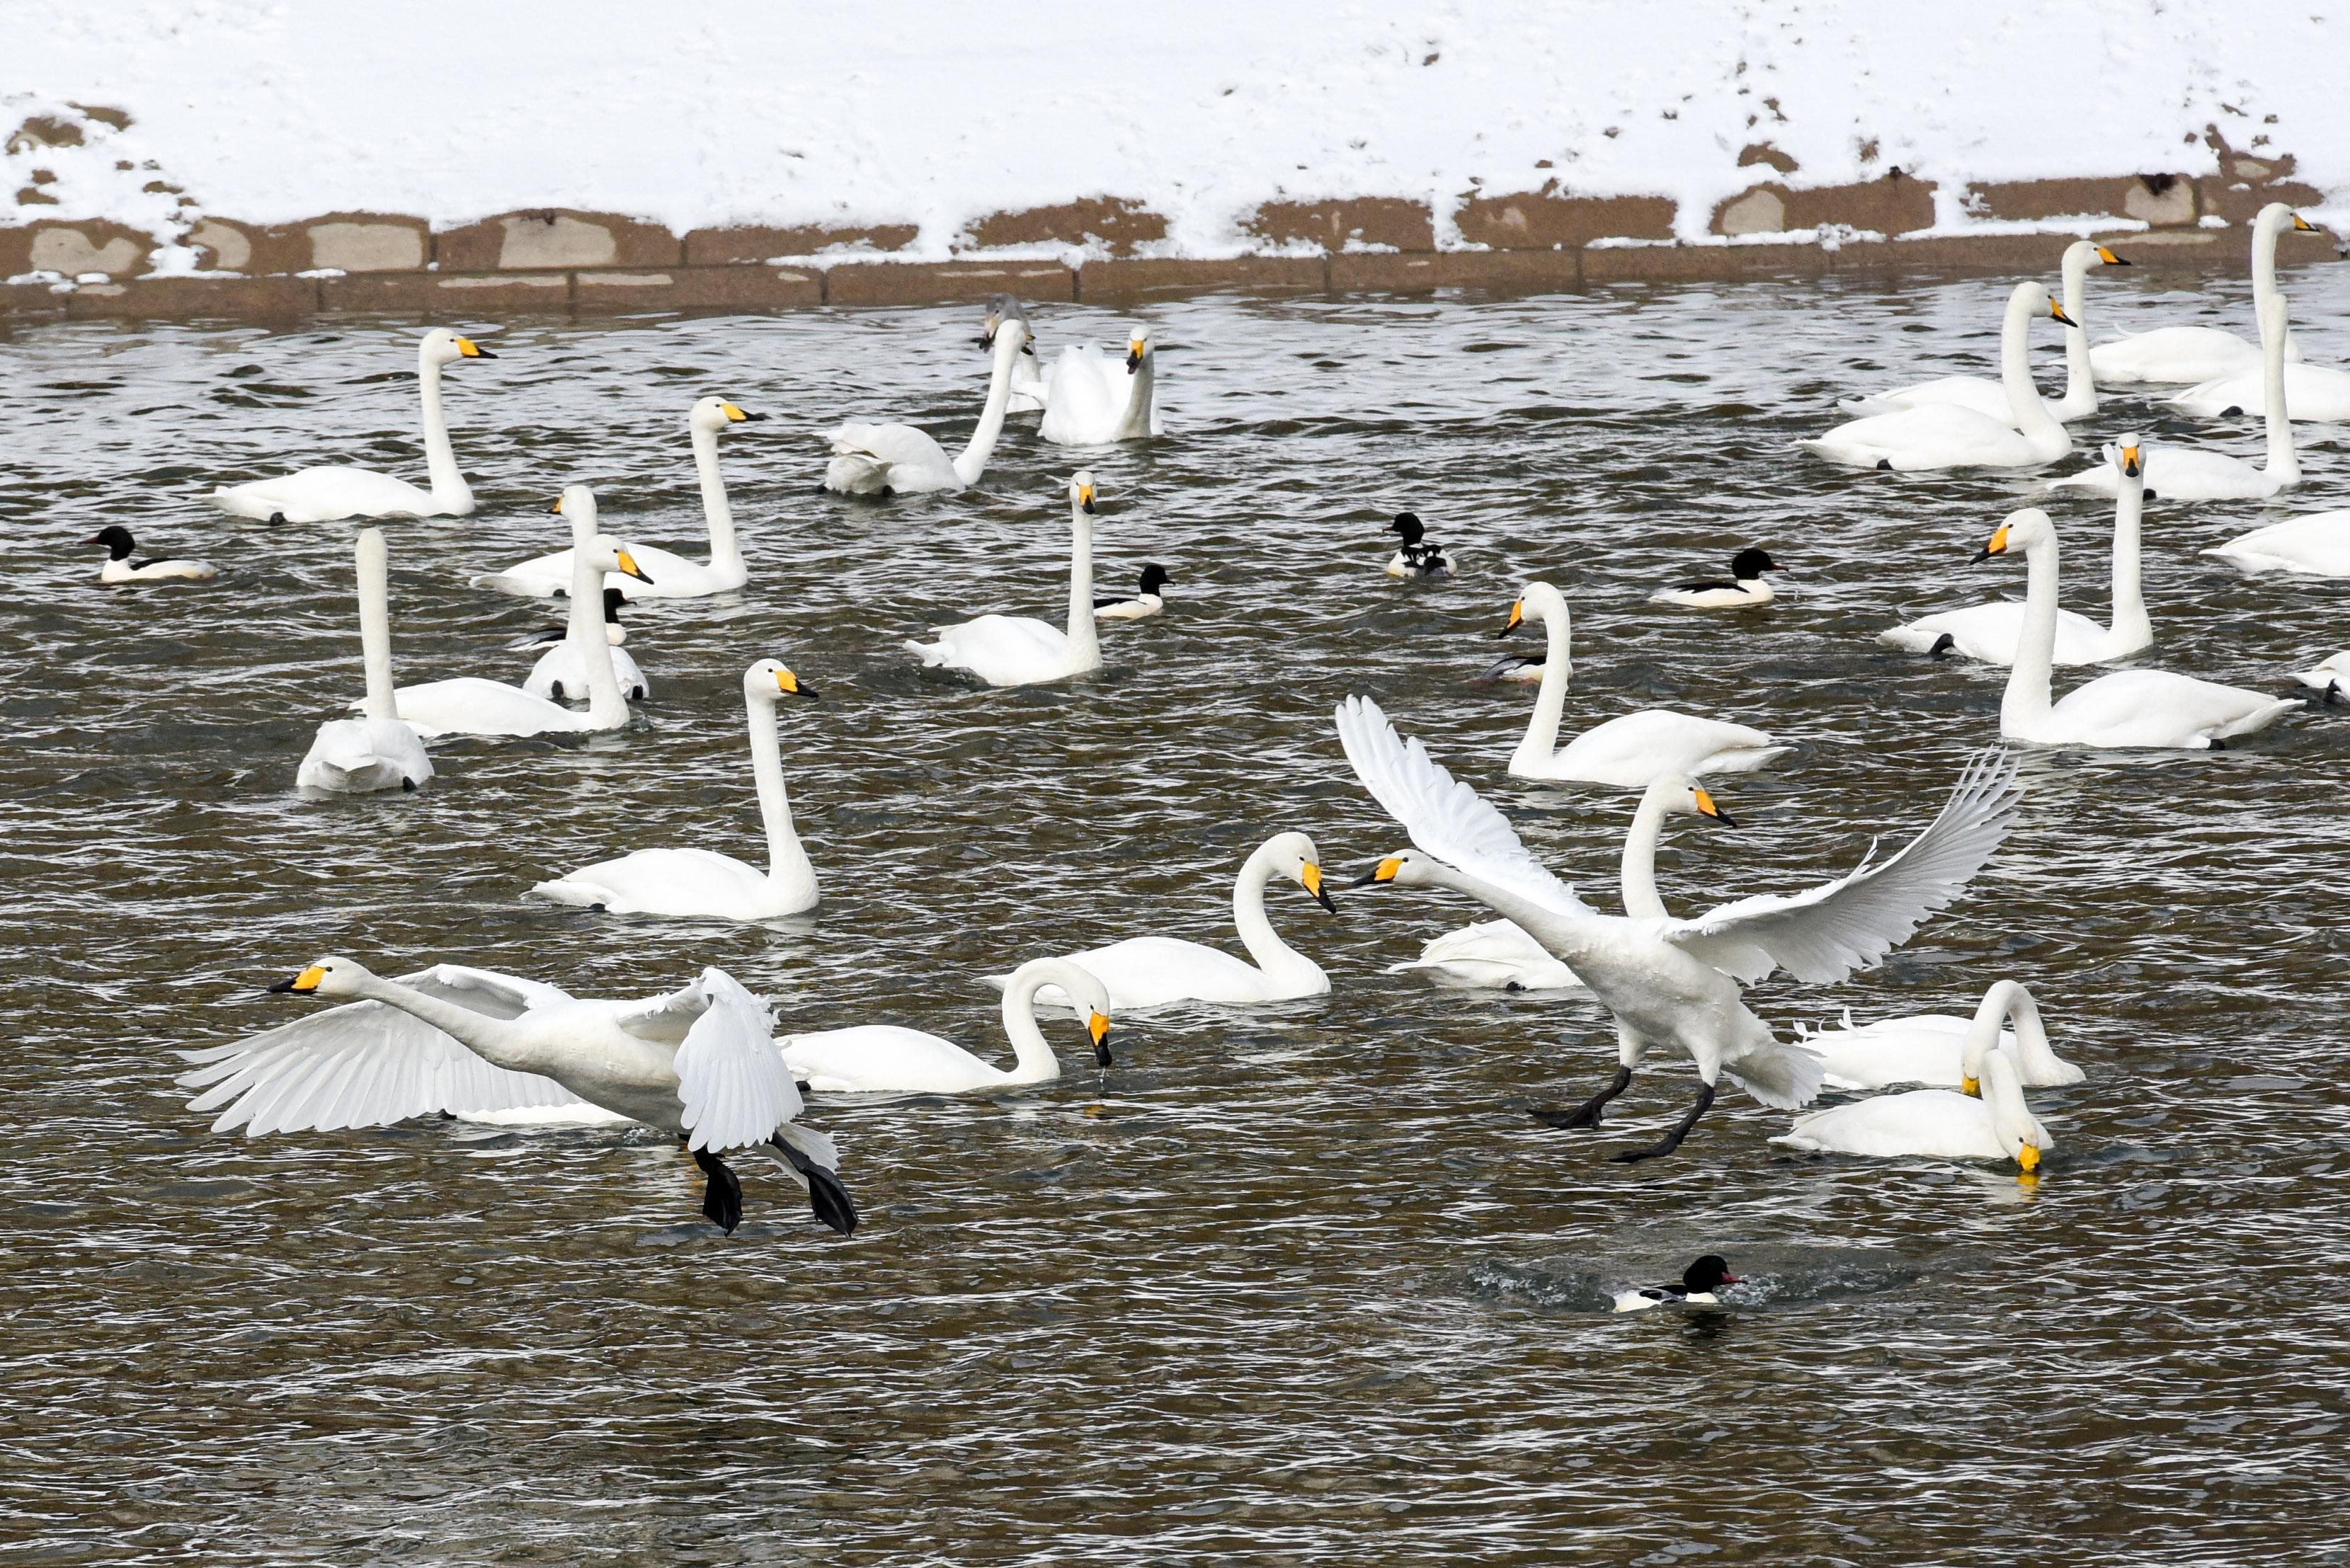 孔雀河で冬を越すオオハクチョウ 新疆コルラ市